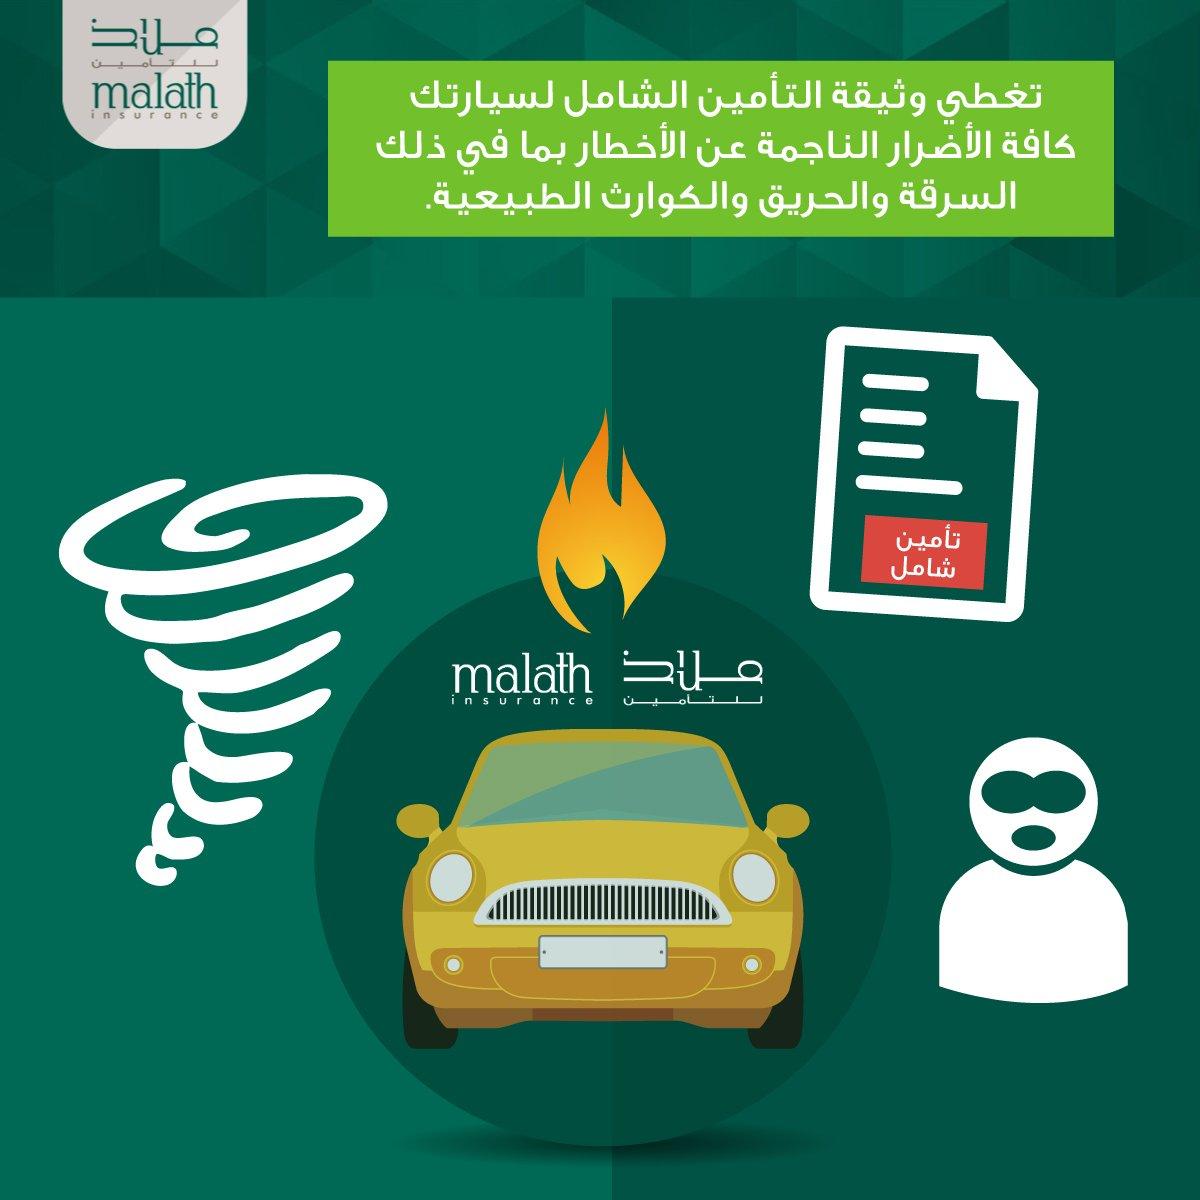 تغطية تأمين السيارة الشاملة تغطي السرقة - الصورة من ملاذ للتأمين